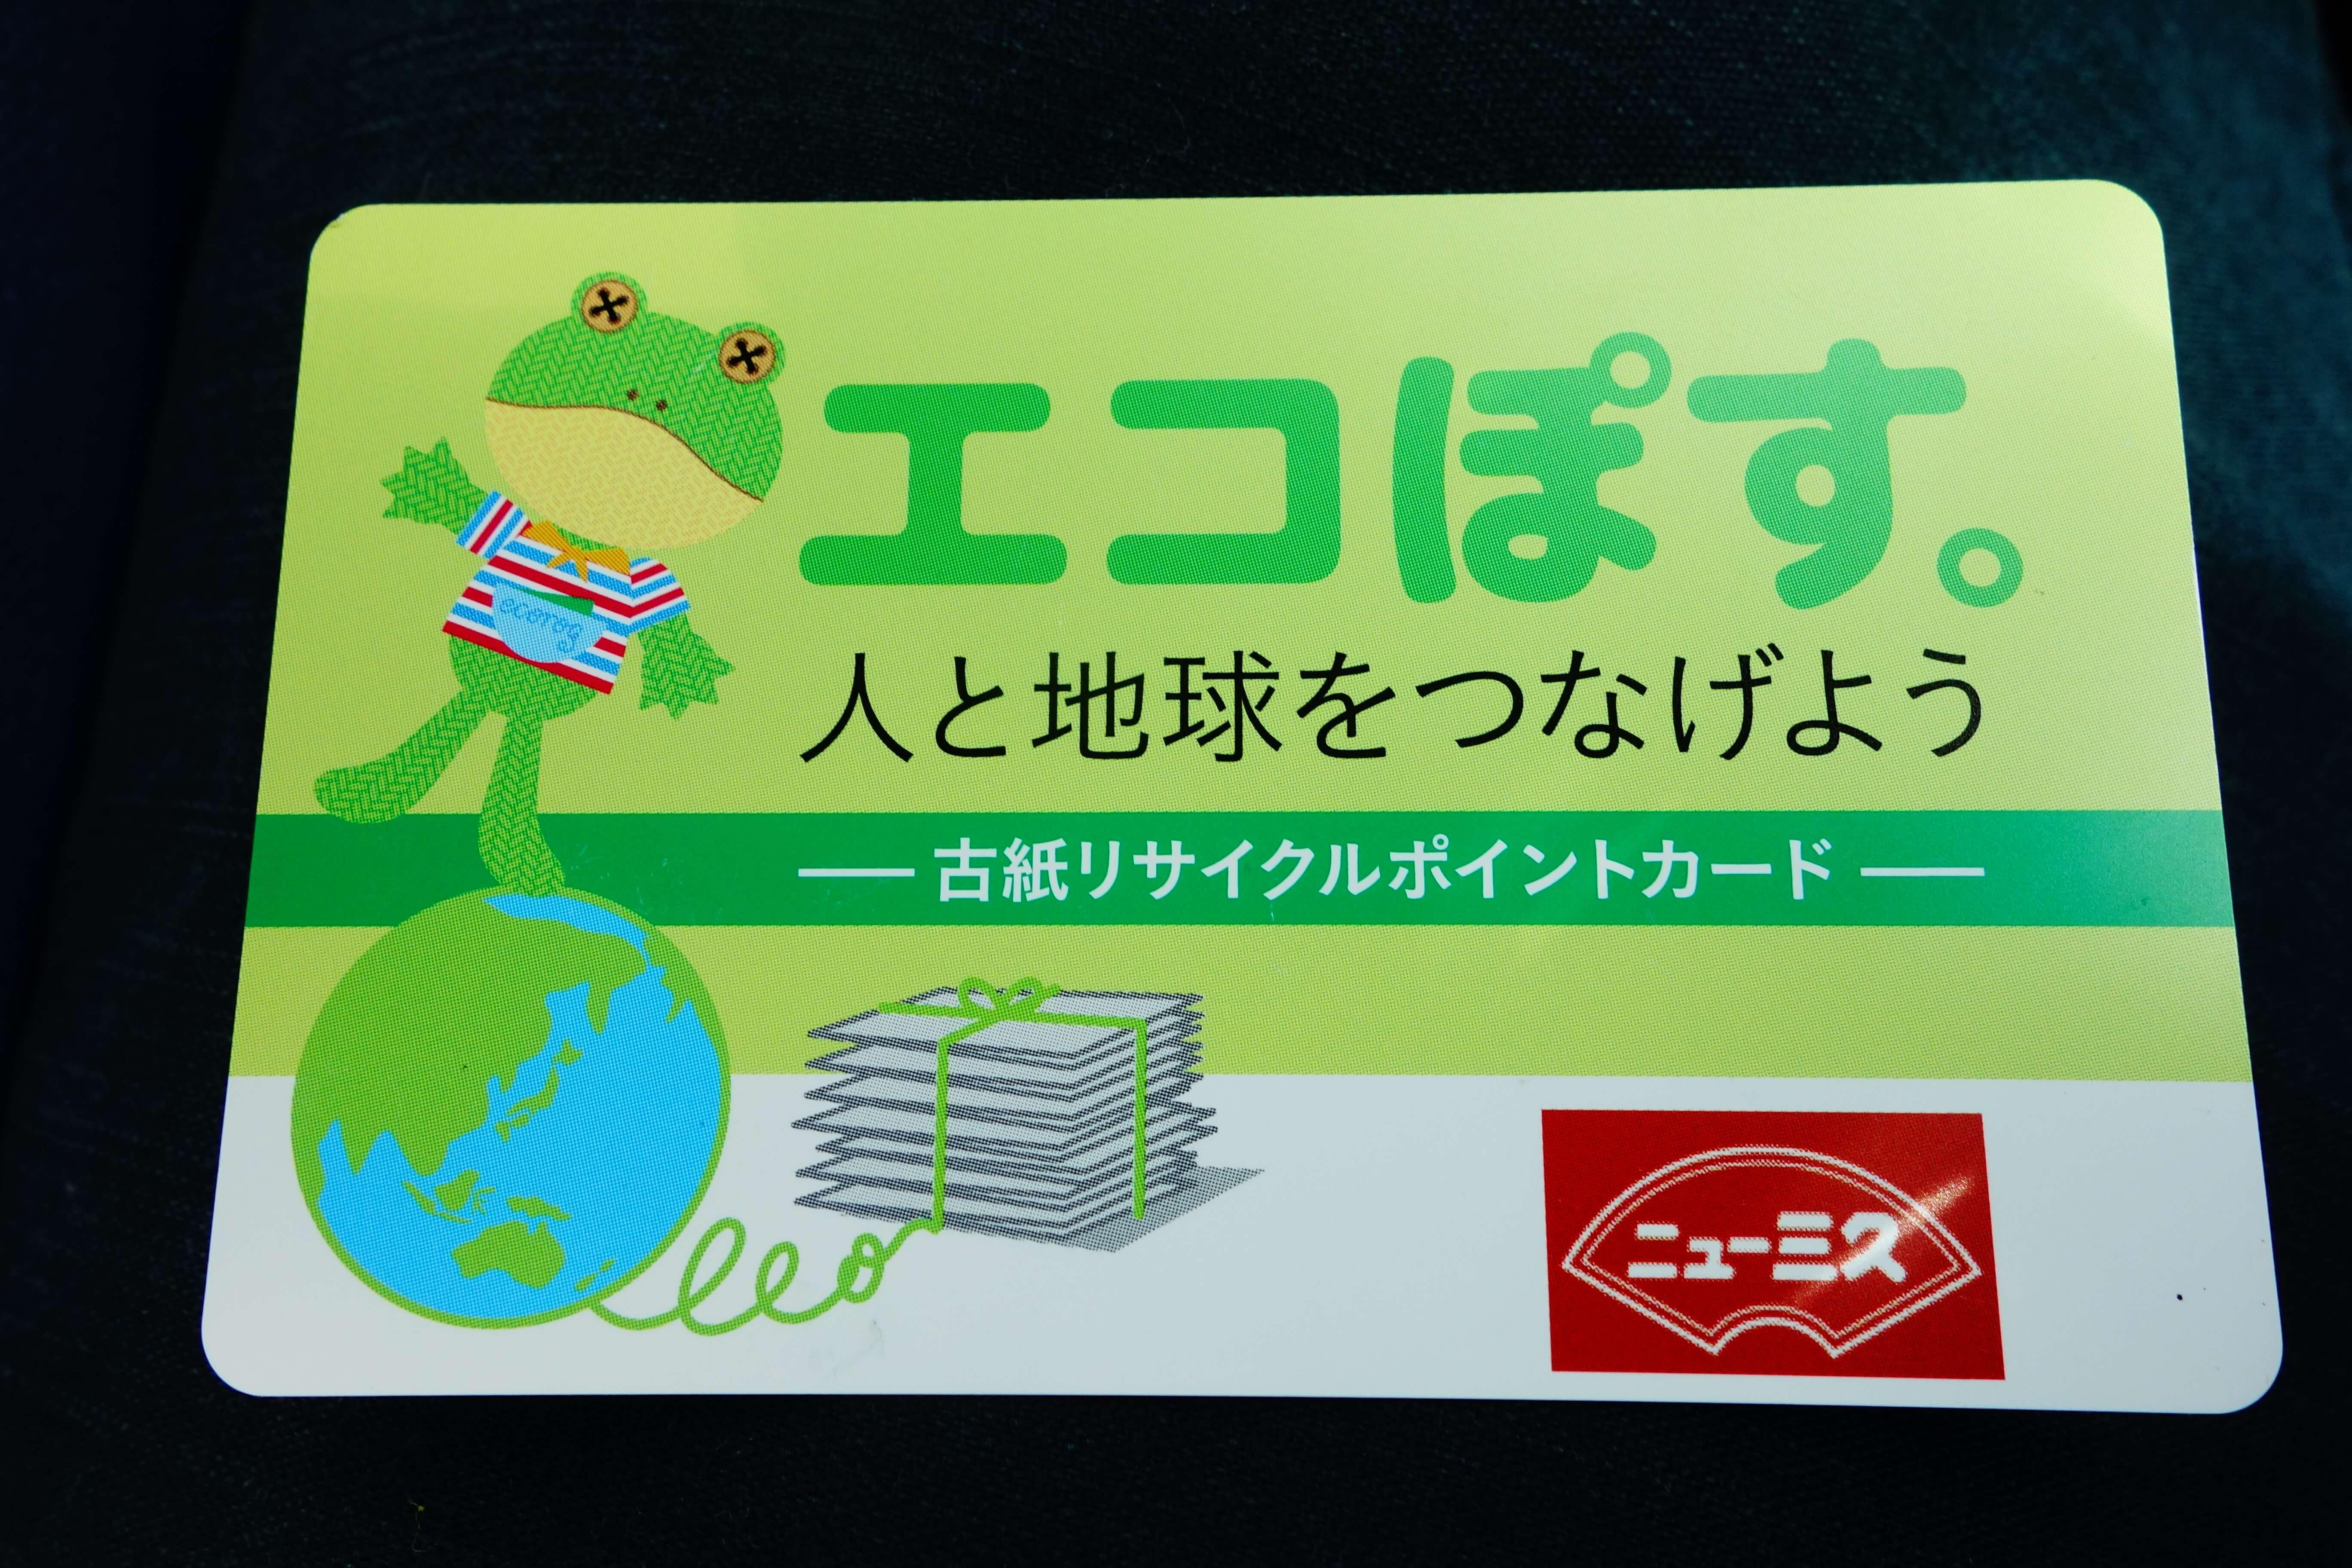 【エコぽすでポイントGET】古紙回収でお買い物券ゲットしよう!